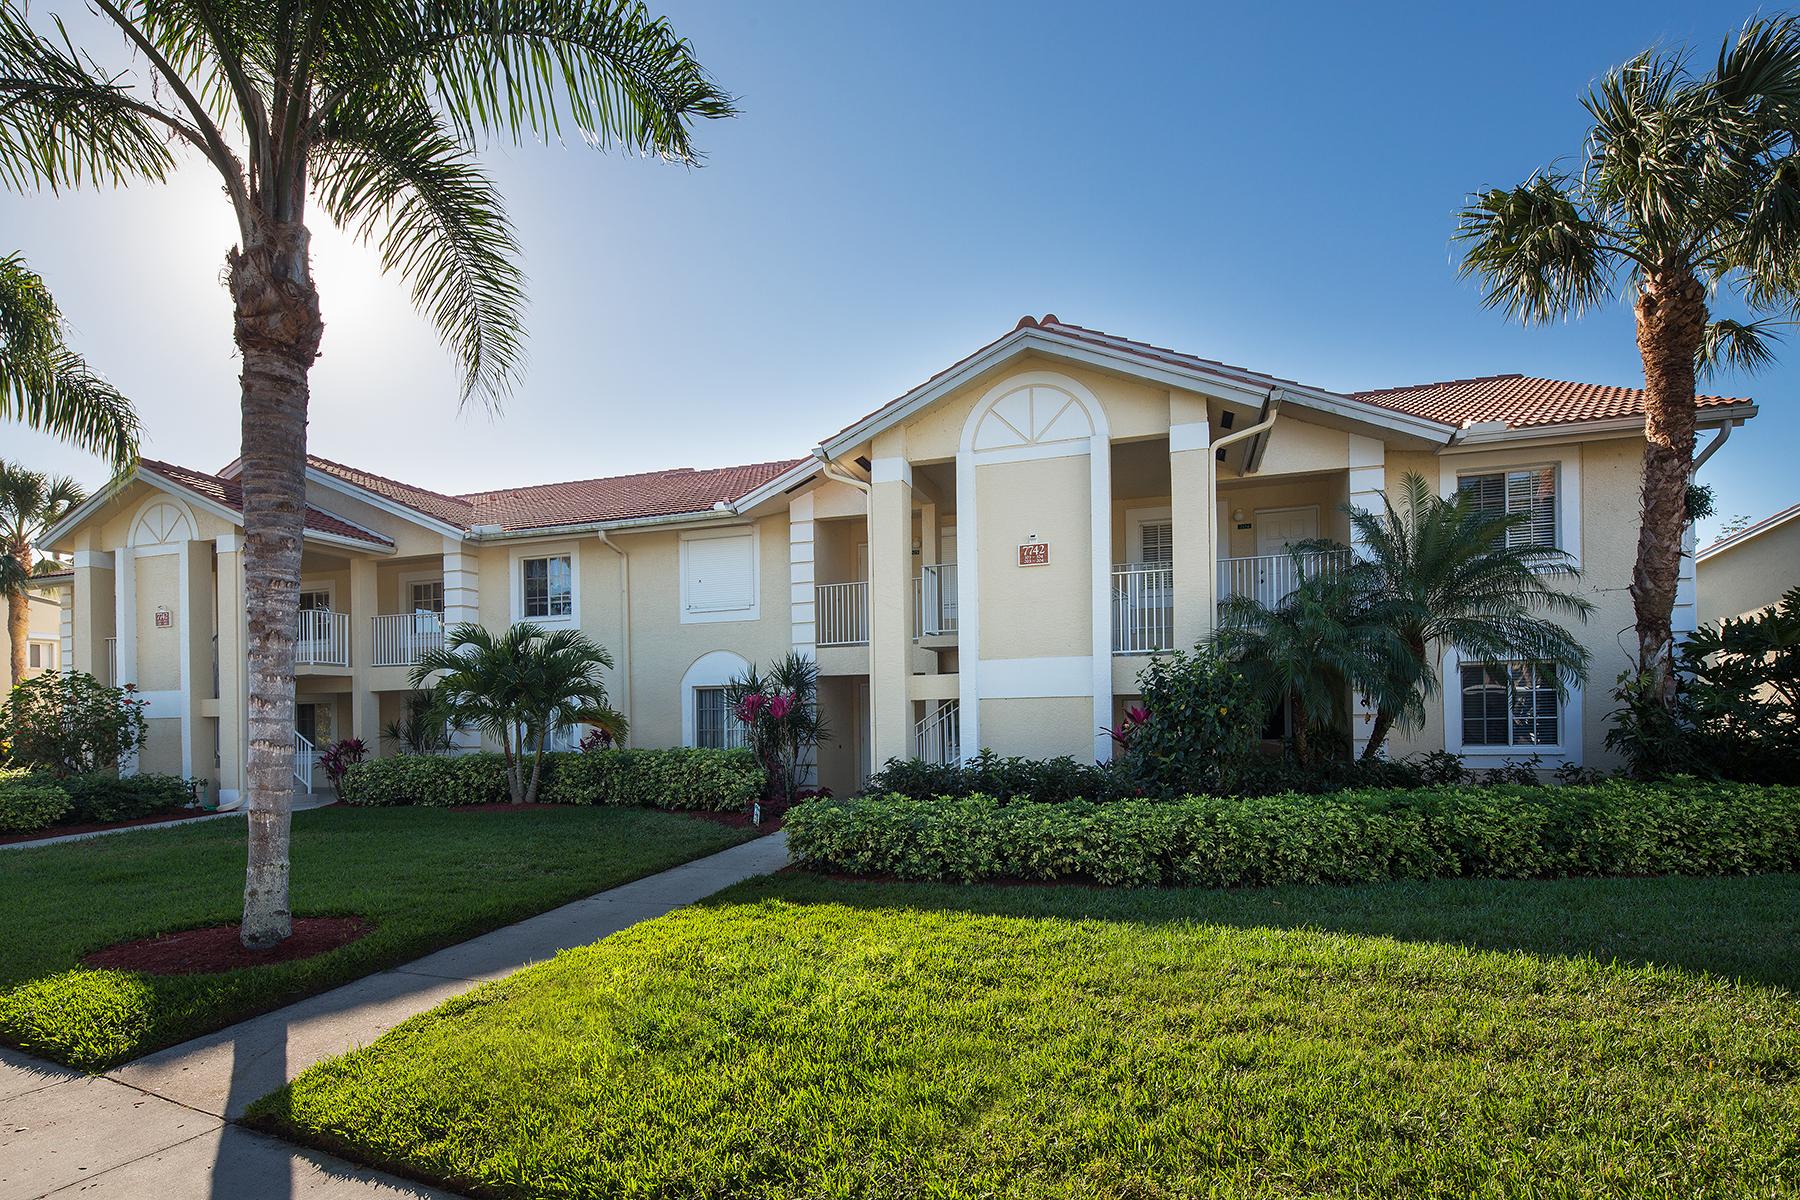 Condominium for Sale at Naples 7742 Emerald Cir V-102, Naples, Florida 34109 United States